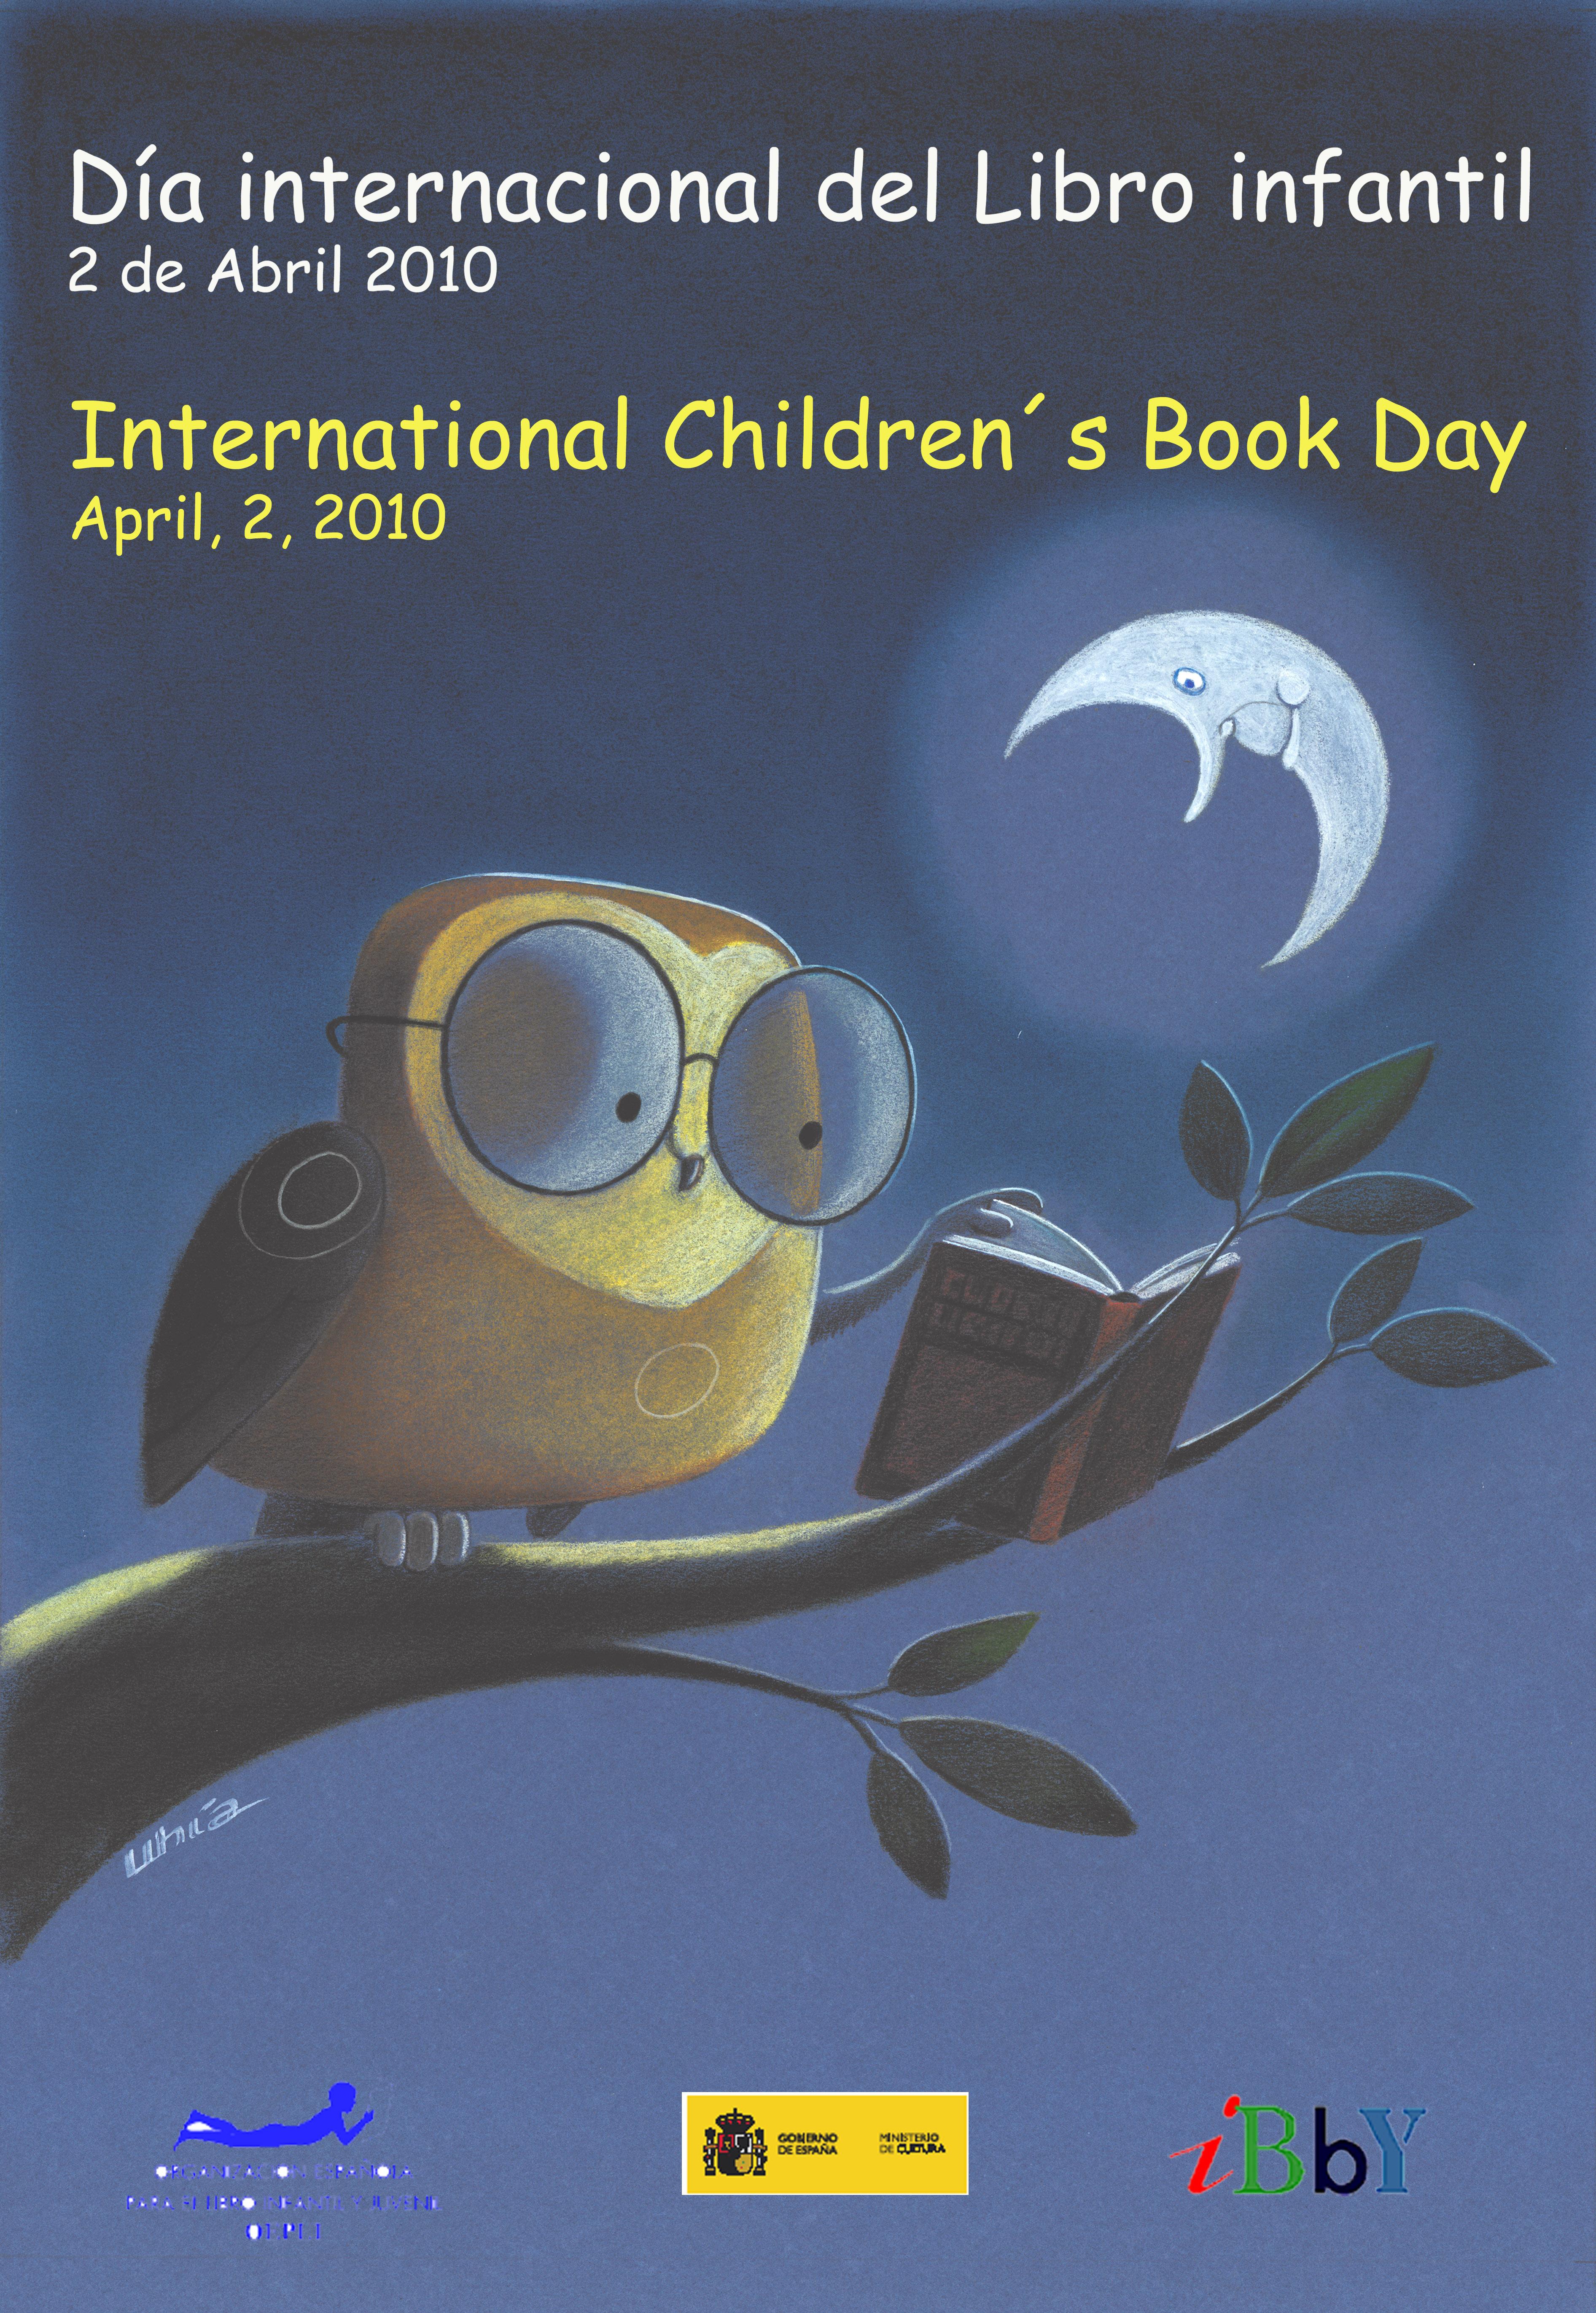 Cartel Día internacional del Libro infantil· Gobierno de España